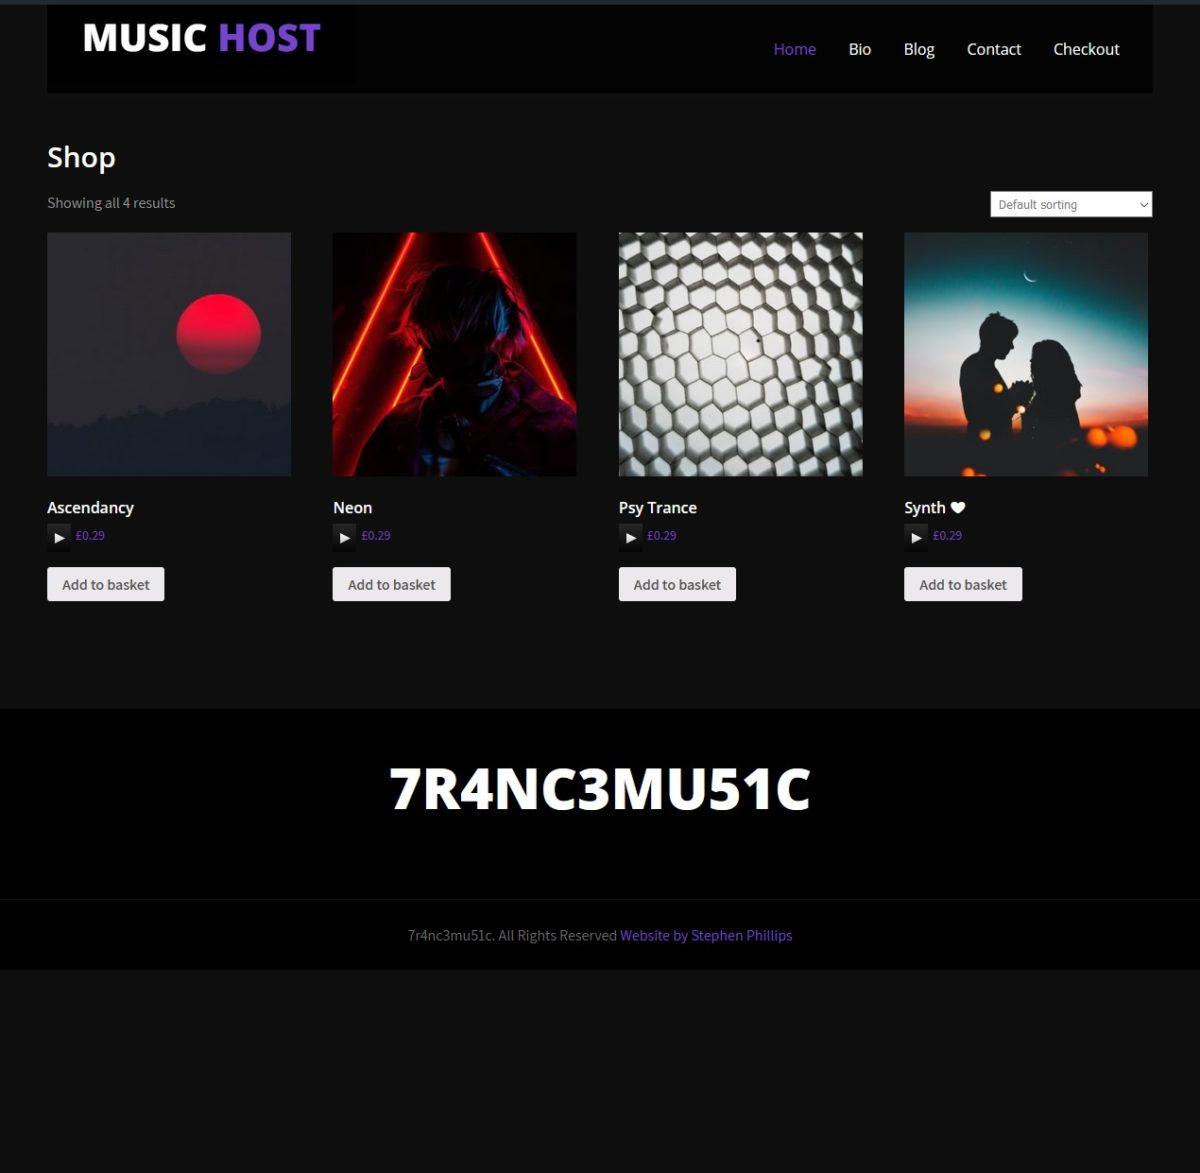 Music Host